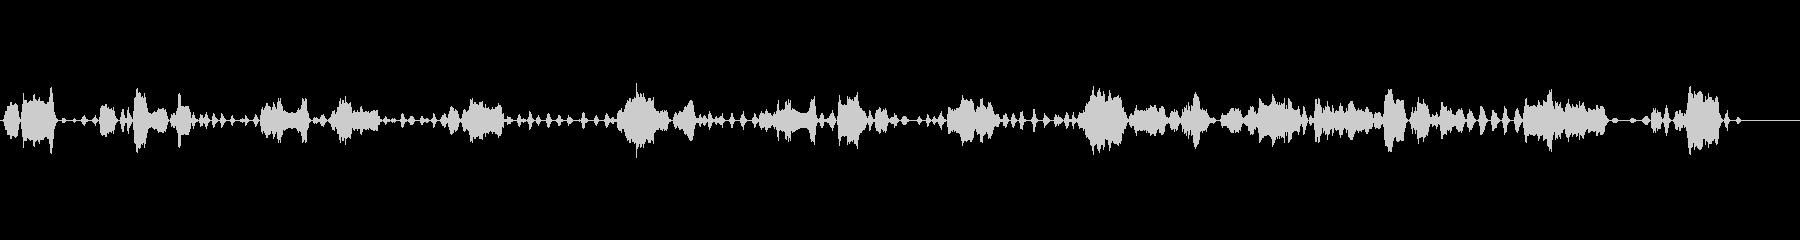 ヘンズ、カチカチ、IN、鳥; DI...の未再生の波形